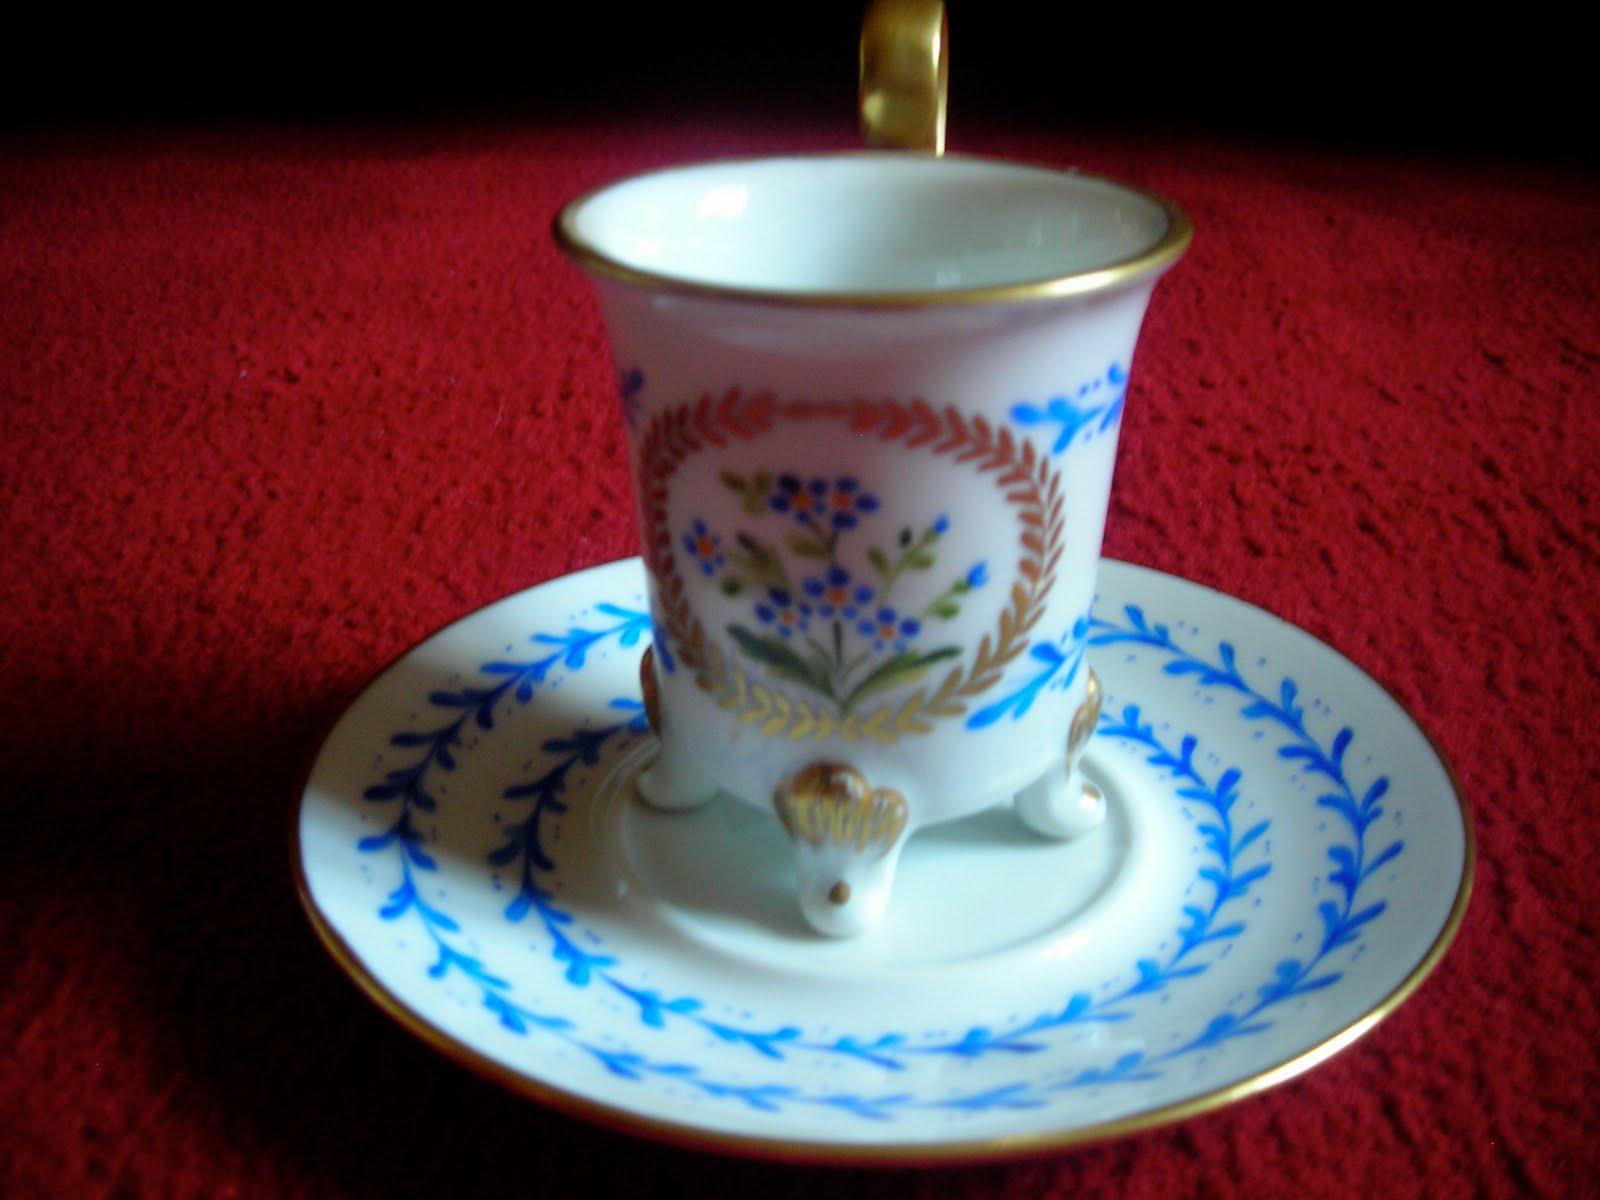 D coration artisanale sur porcelaine for Decoration sur porcelaine